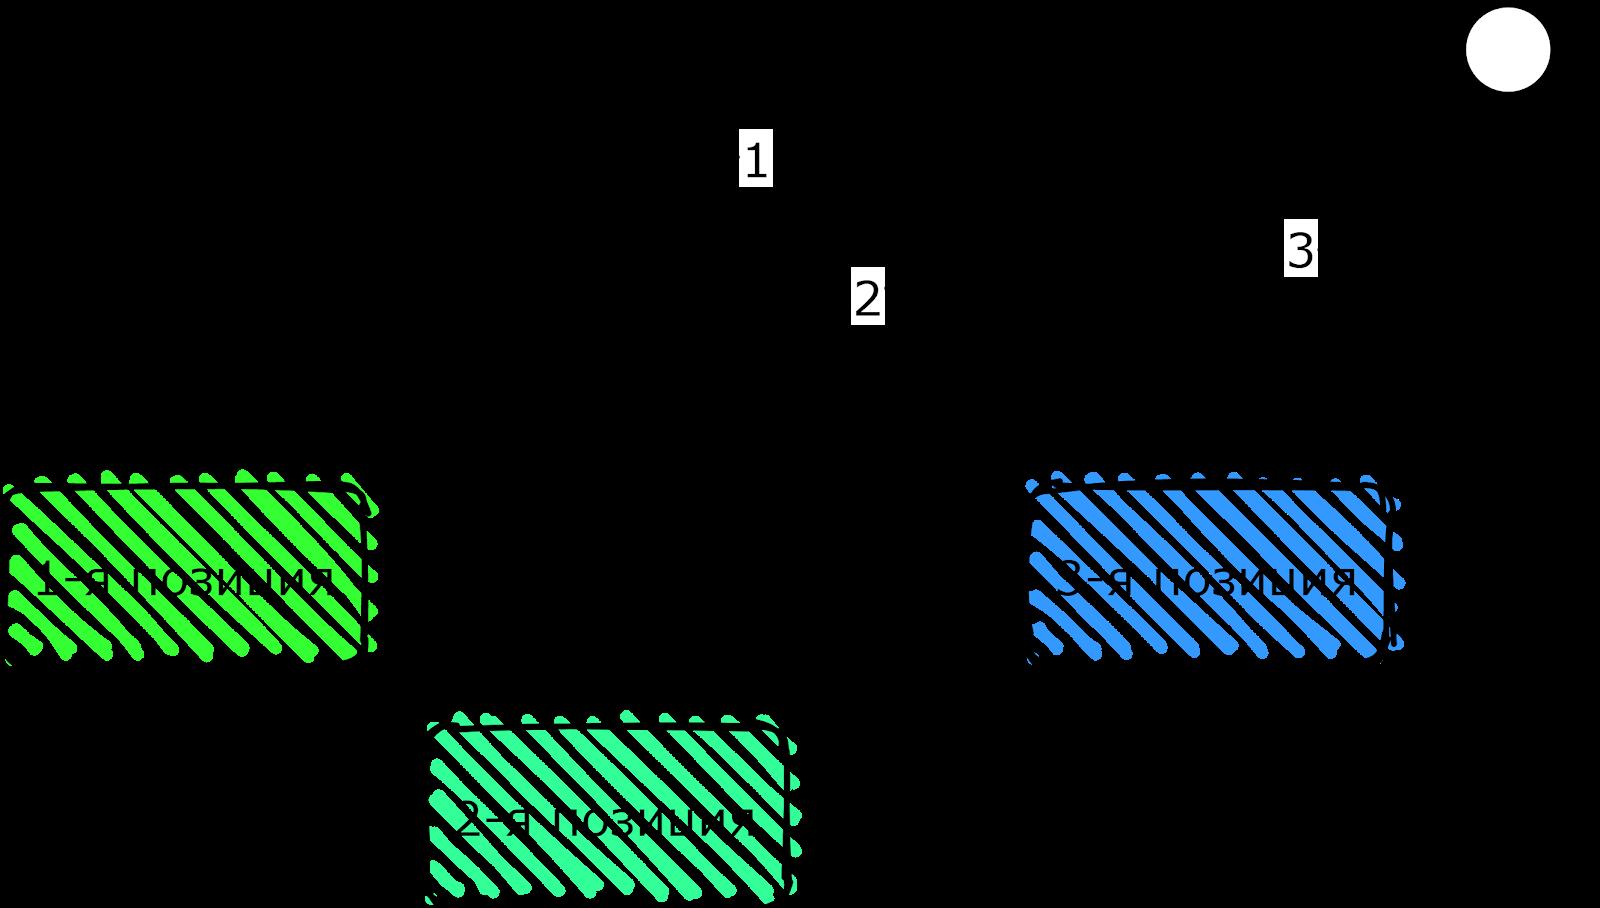 трехпозиционка